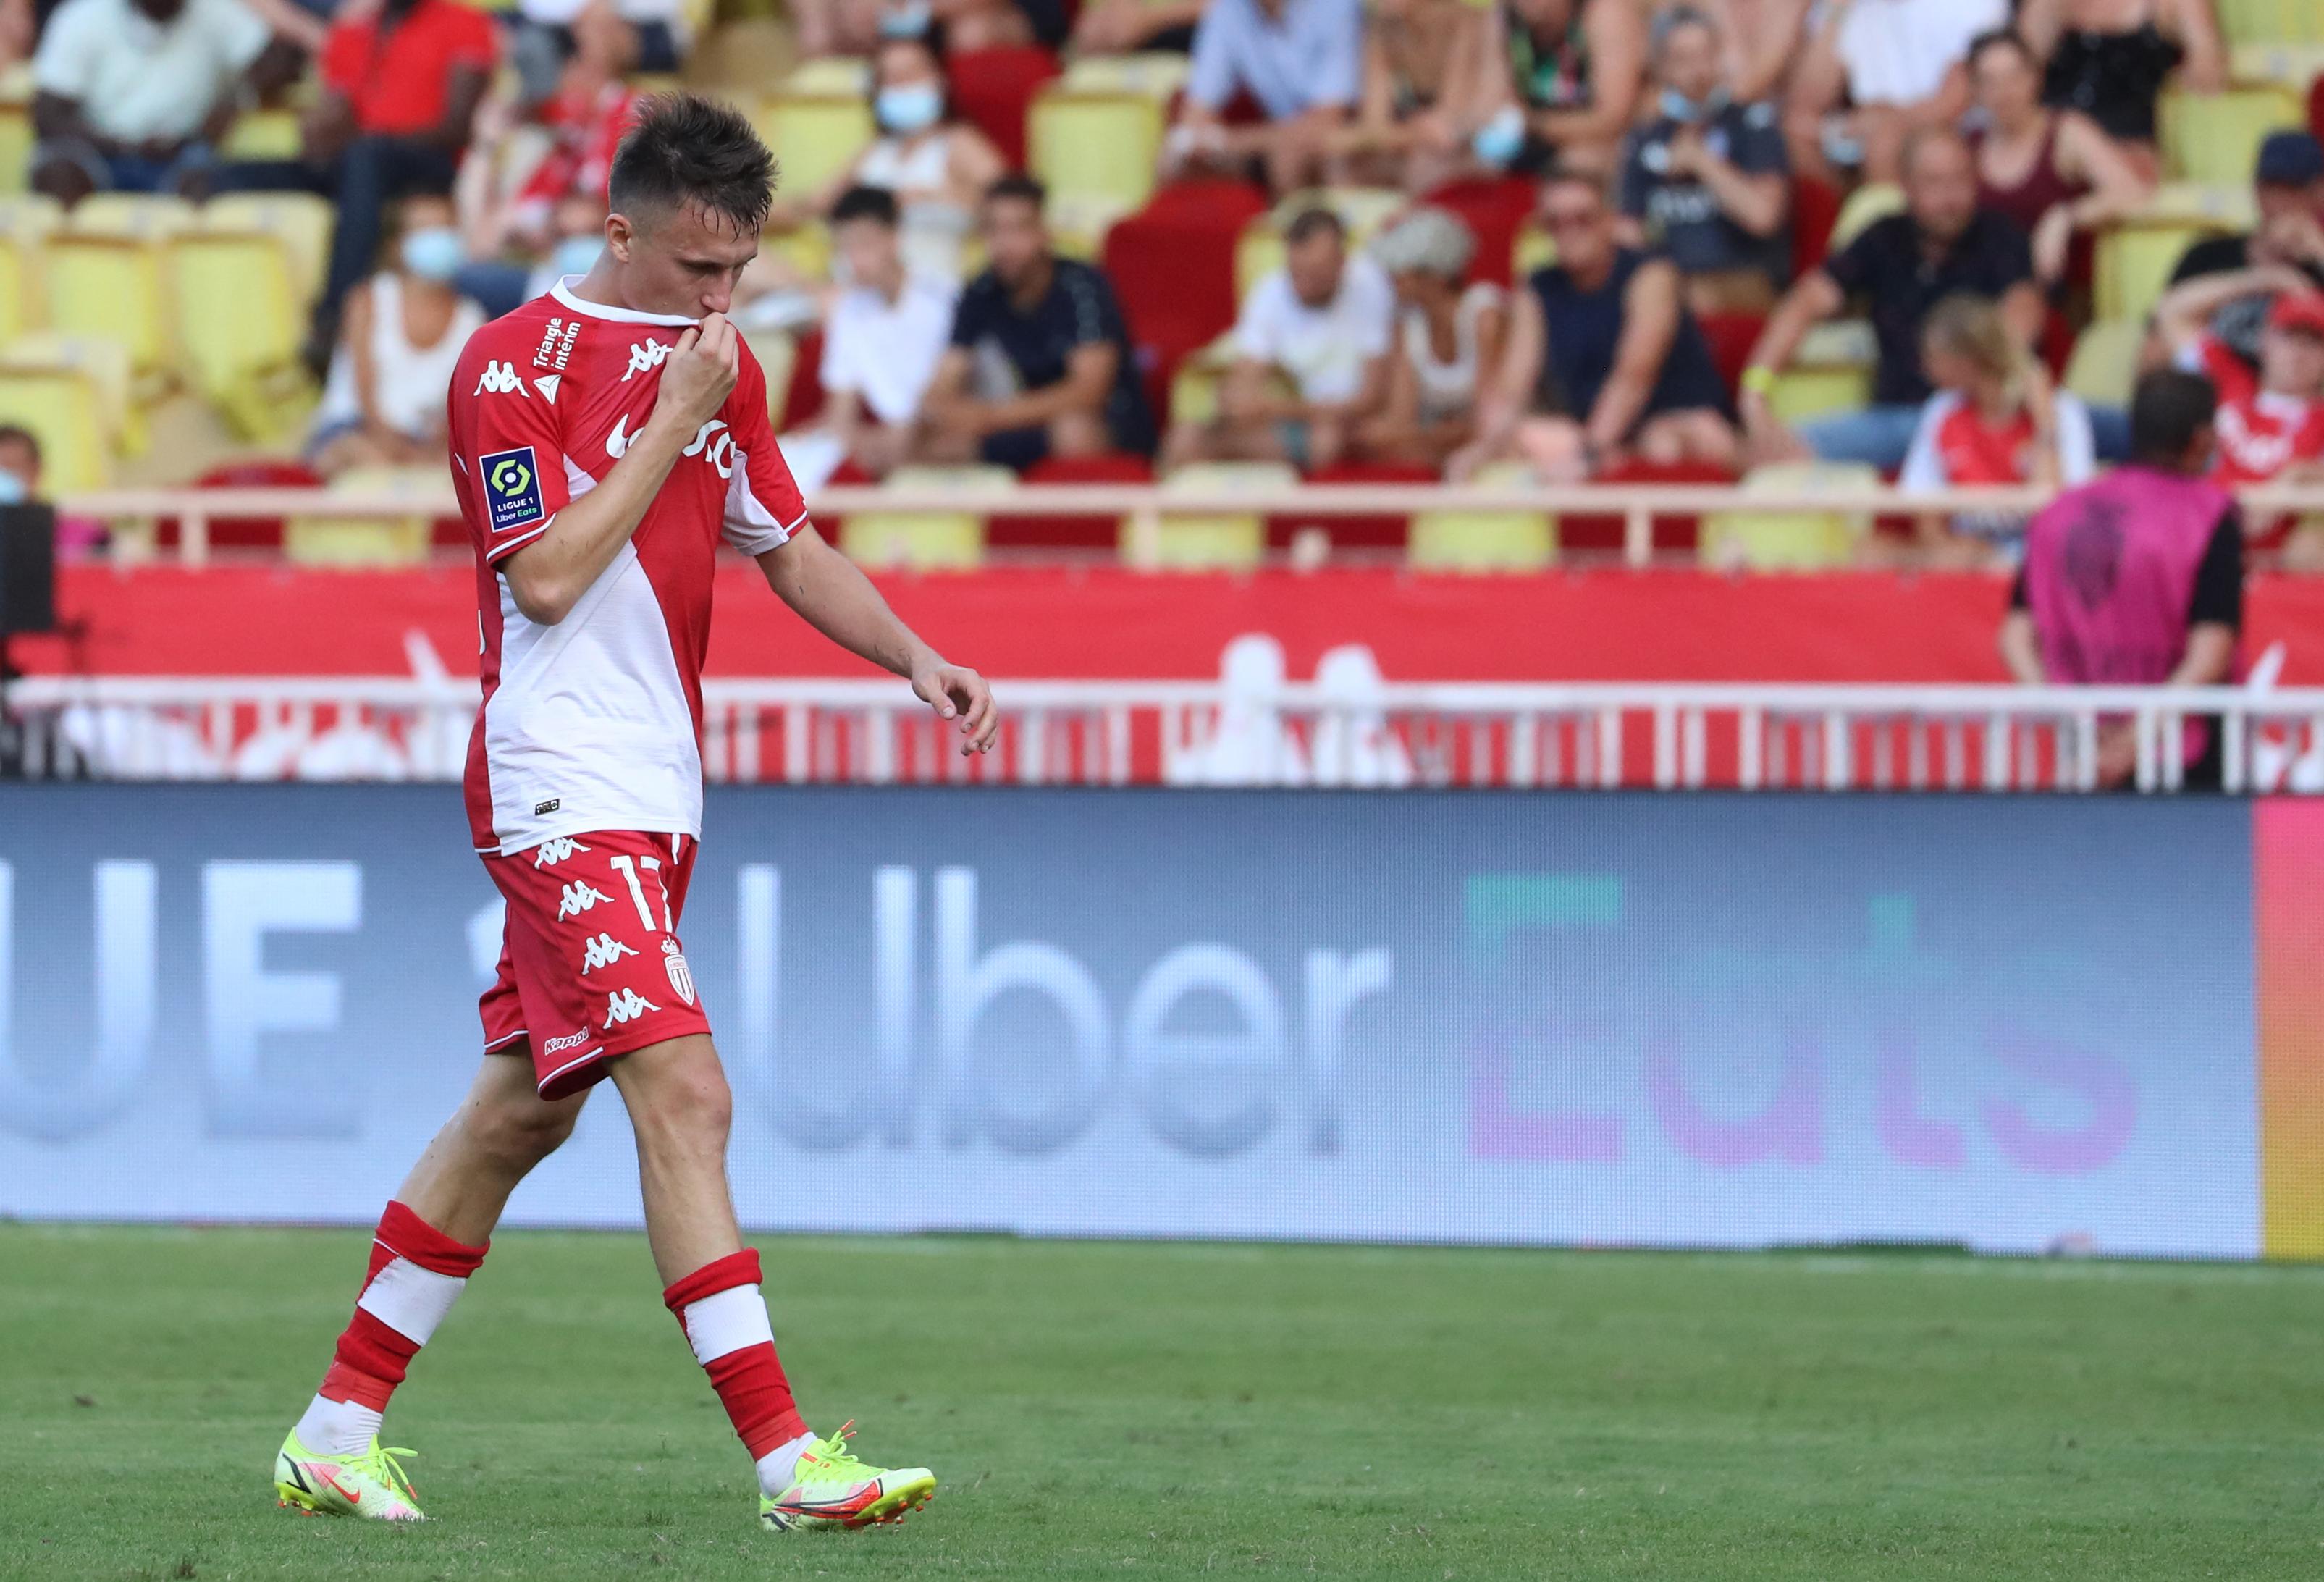 Kényszerleszállást hajtott végre Budapesten a Monaco focicsapat gépe